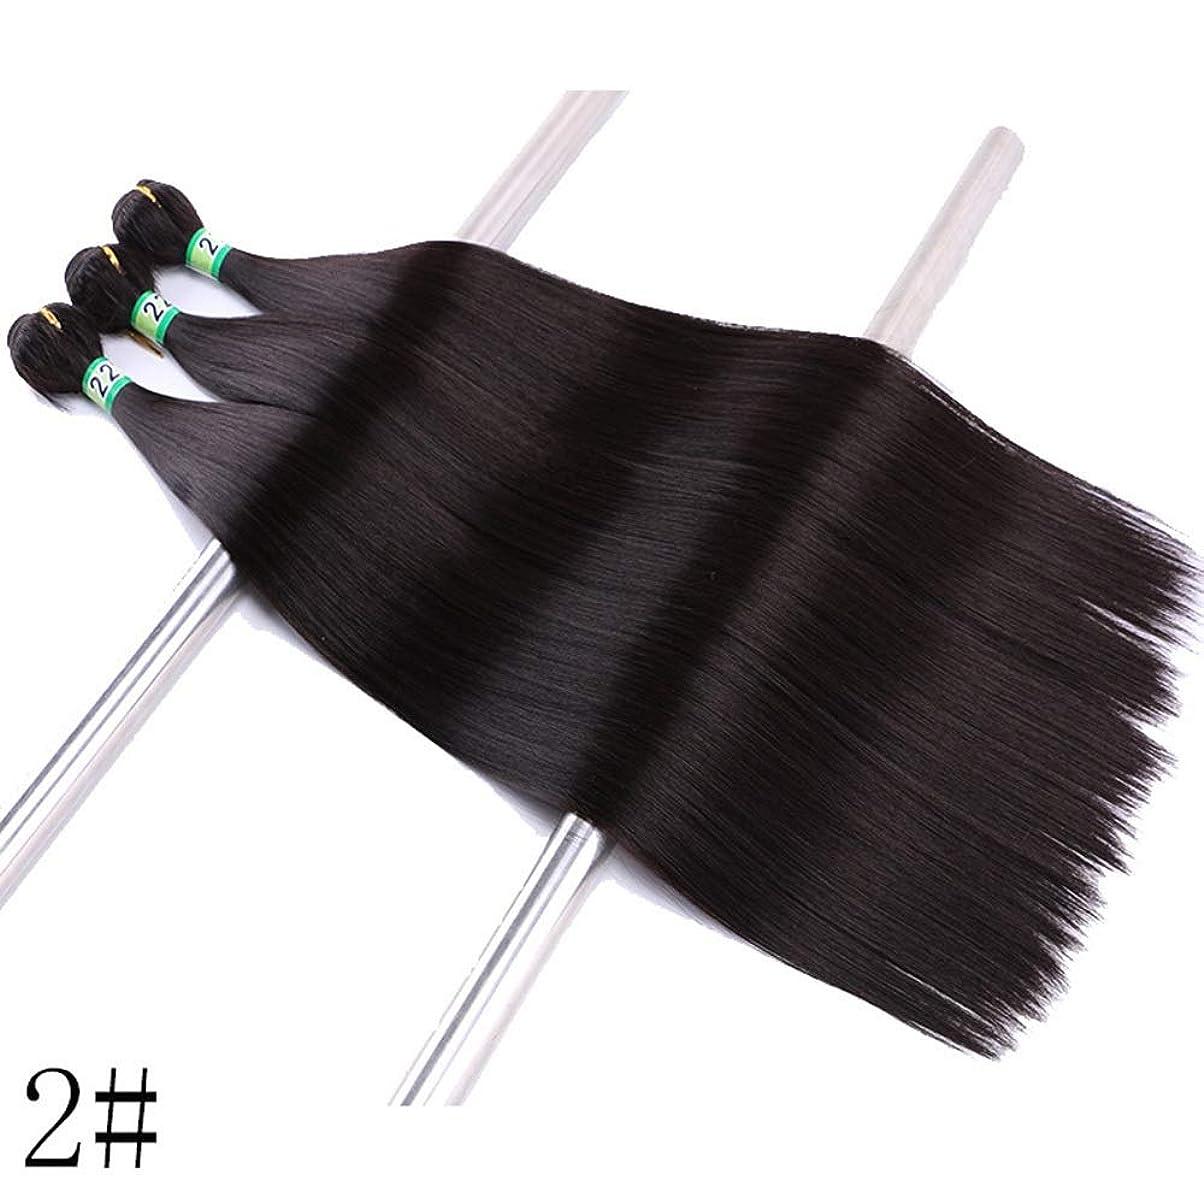 ロック無傷気難しいBOBIDYEE 合成髪織り3バンドルヘアエクステンション - ストレートヘア - ナチュラルブラック(2#、100g)合成髪レースかつらロールプレイングかつら長くて短い女性自然 (色 : Photo color, サイズ : 18inch)